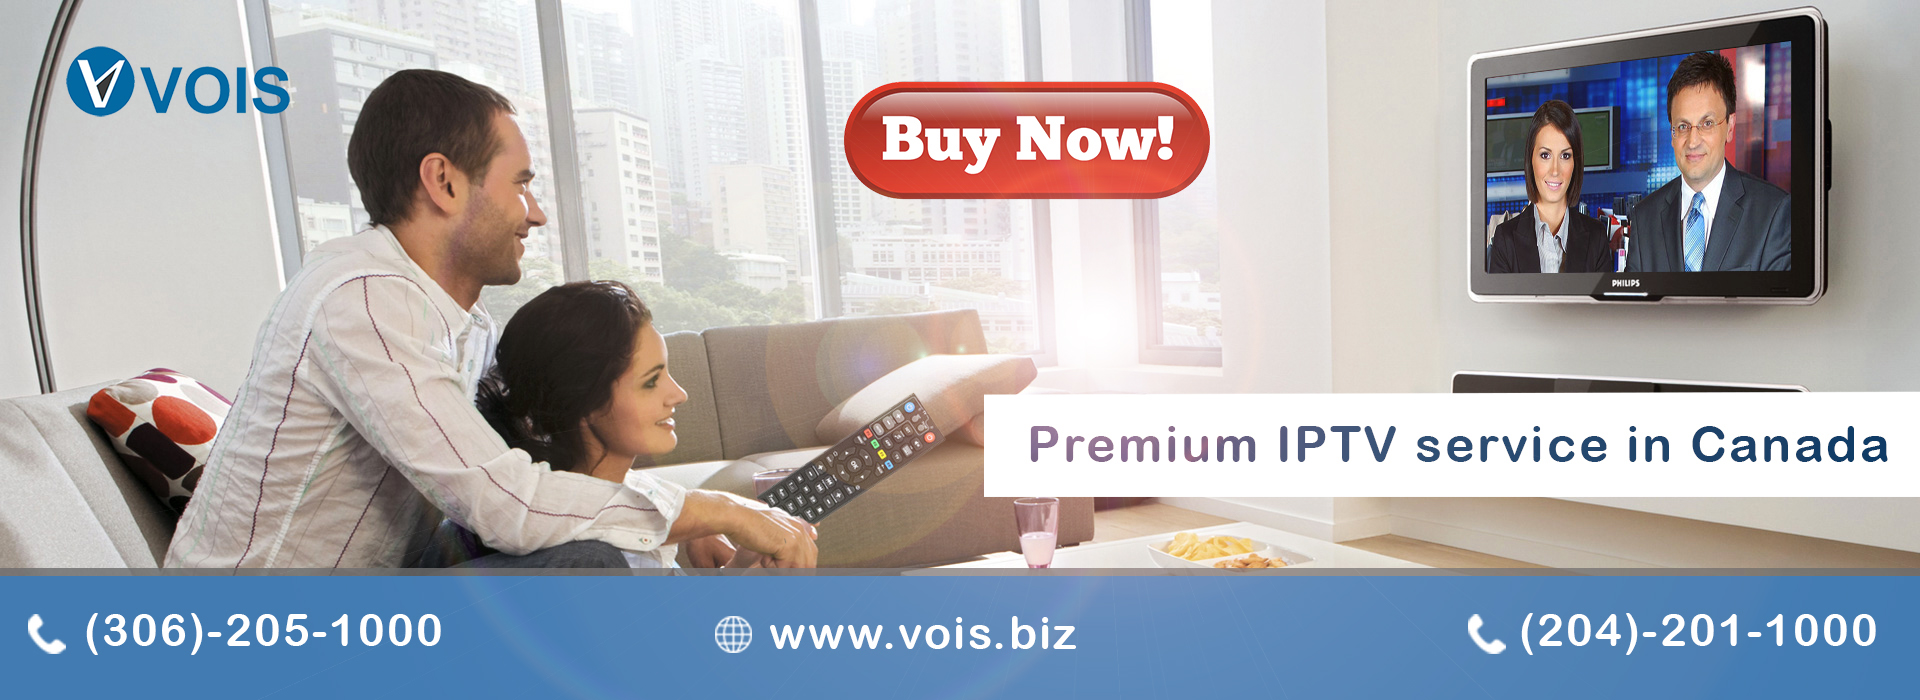 Premium IPTV service in Canada